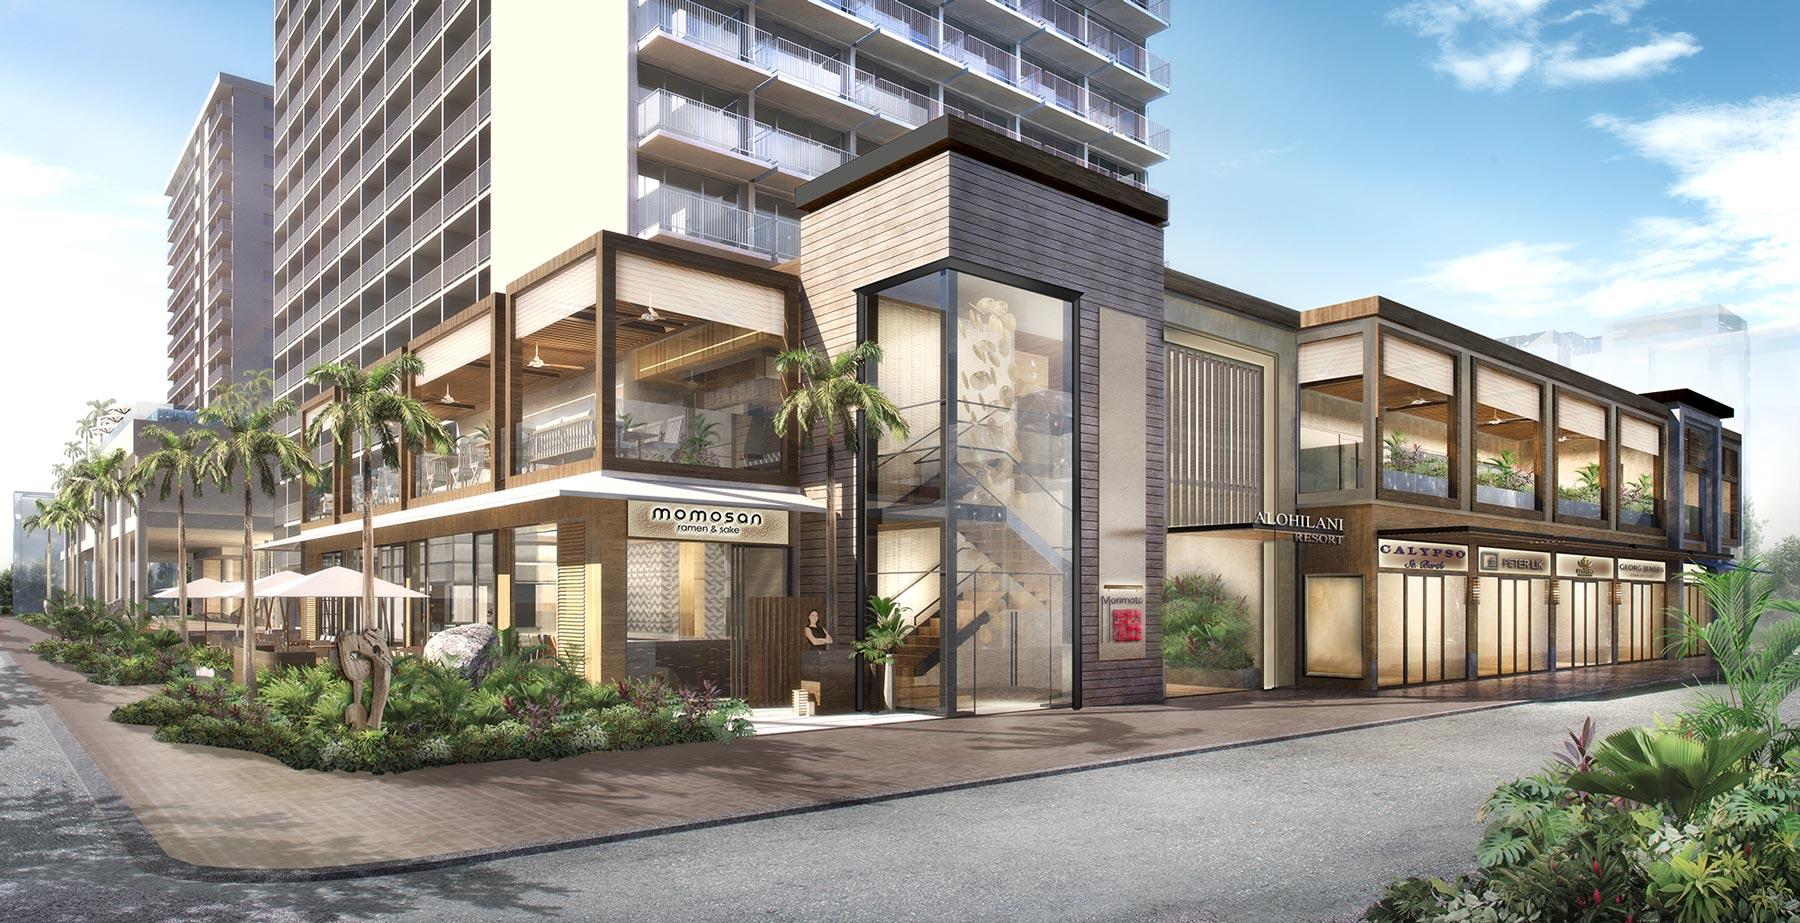 Morimoto Asia Waikiki Now Open at the Alohilani Resort